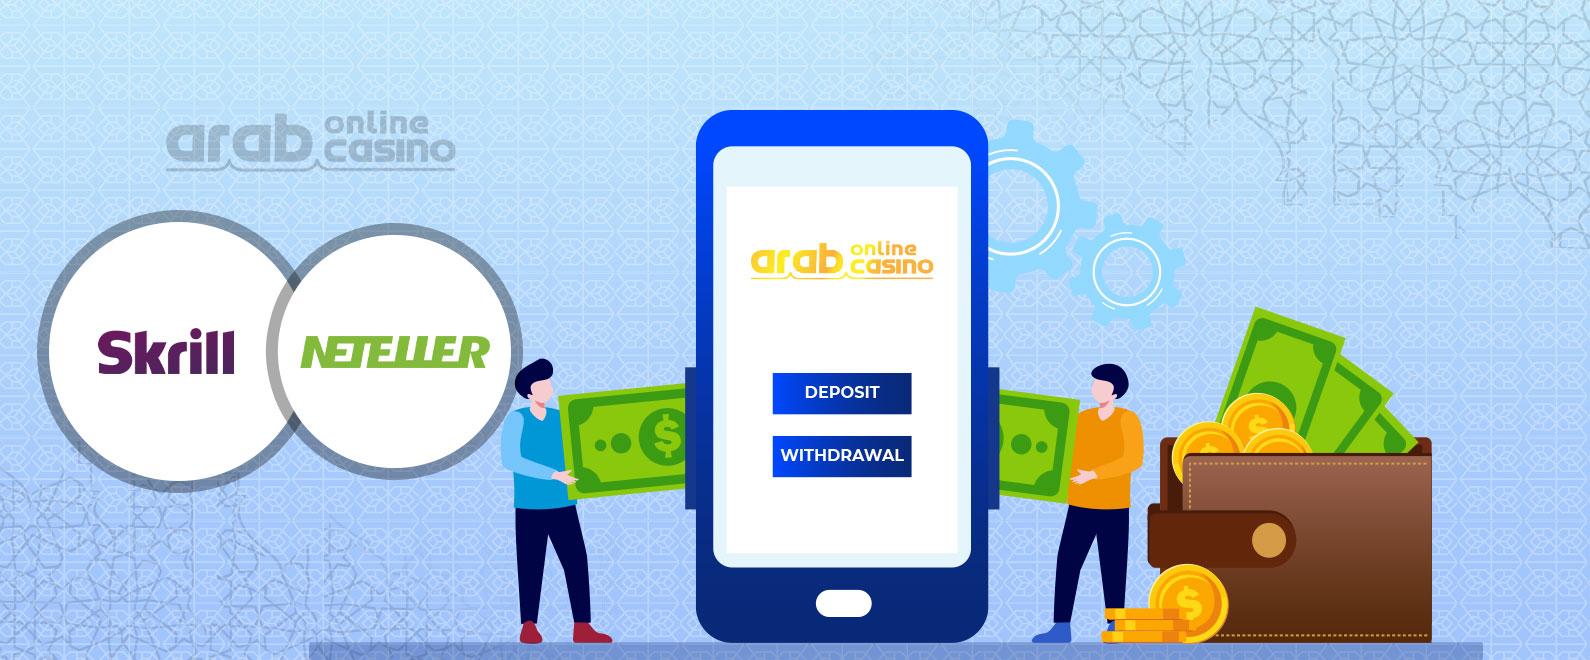 arab casino deposit